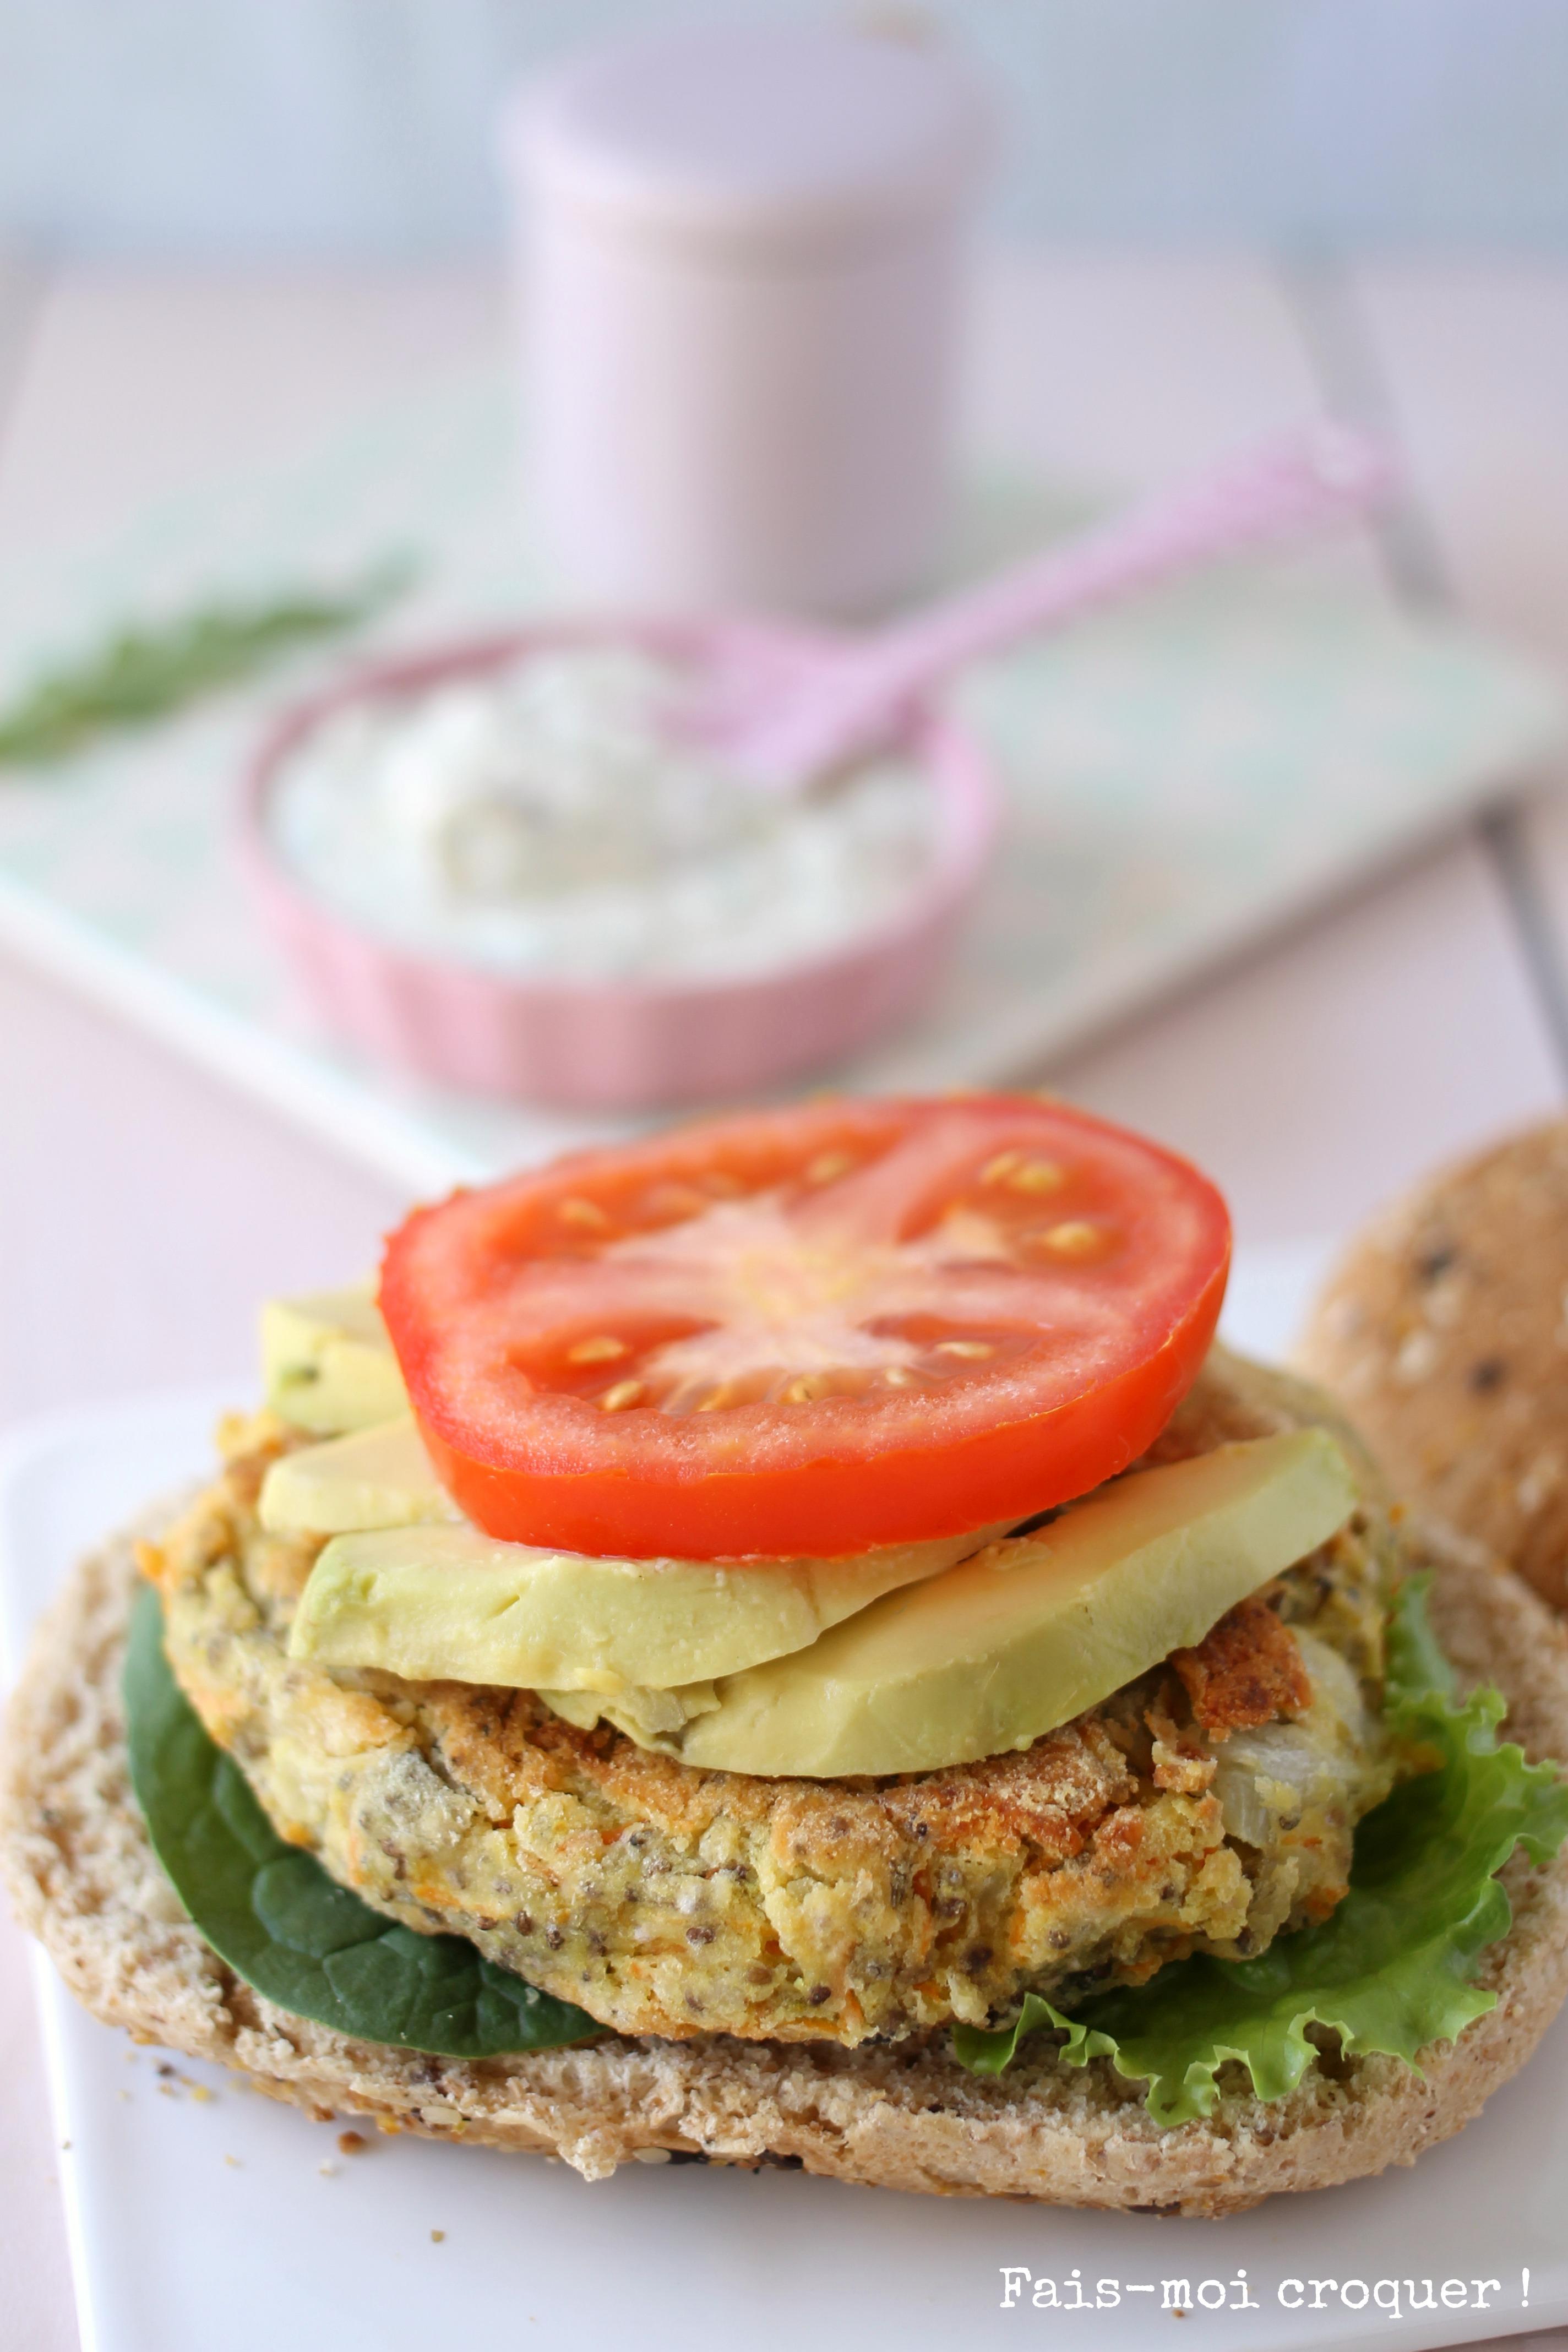 Veggie Burger d'Estelle Lefébure Méthoe Orahe